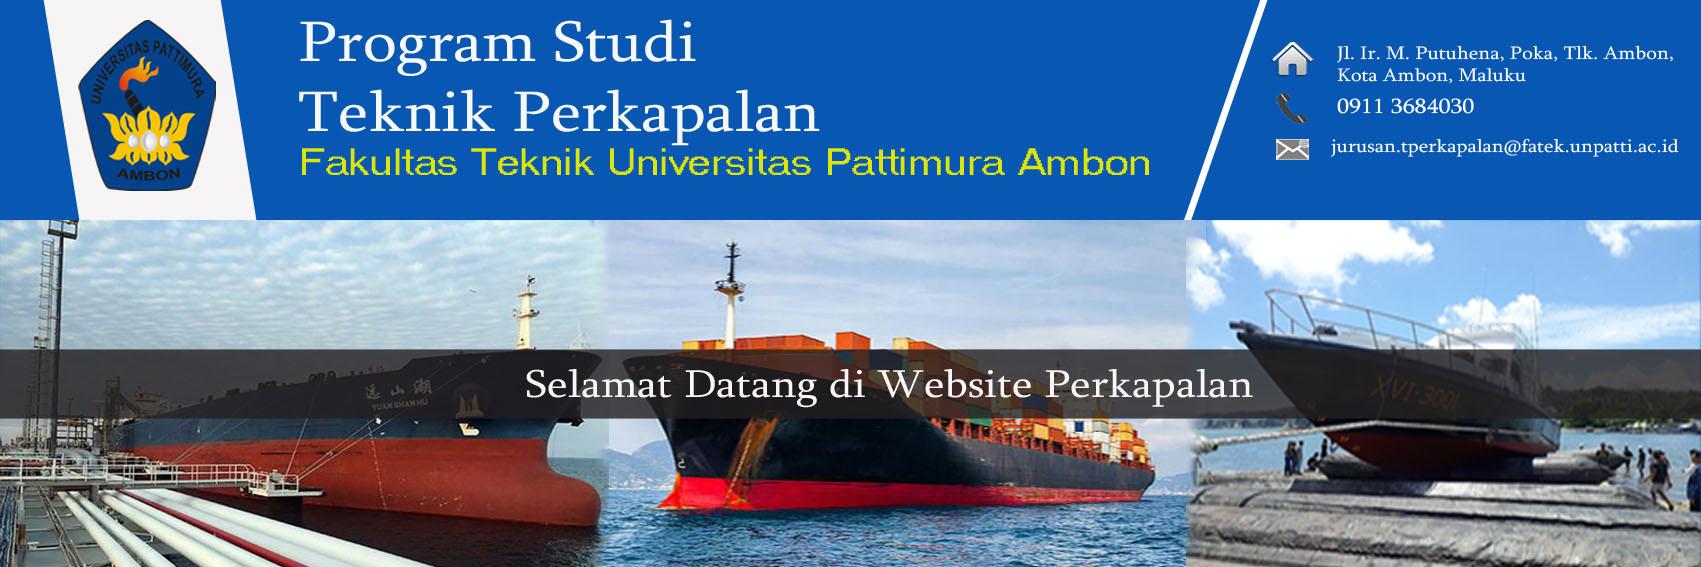 Program Studi Teknik Perkapalan